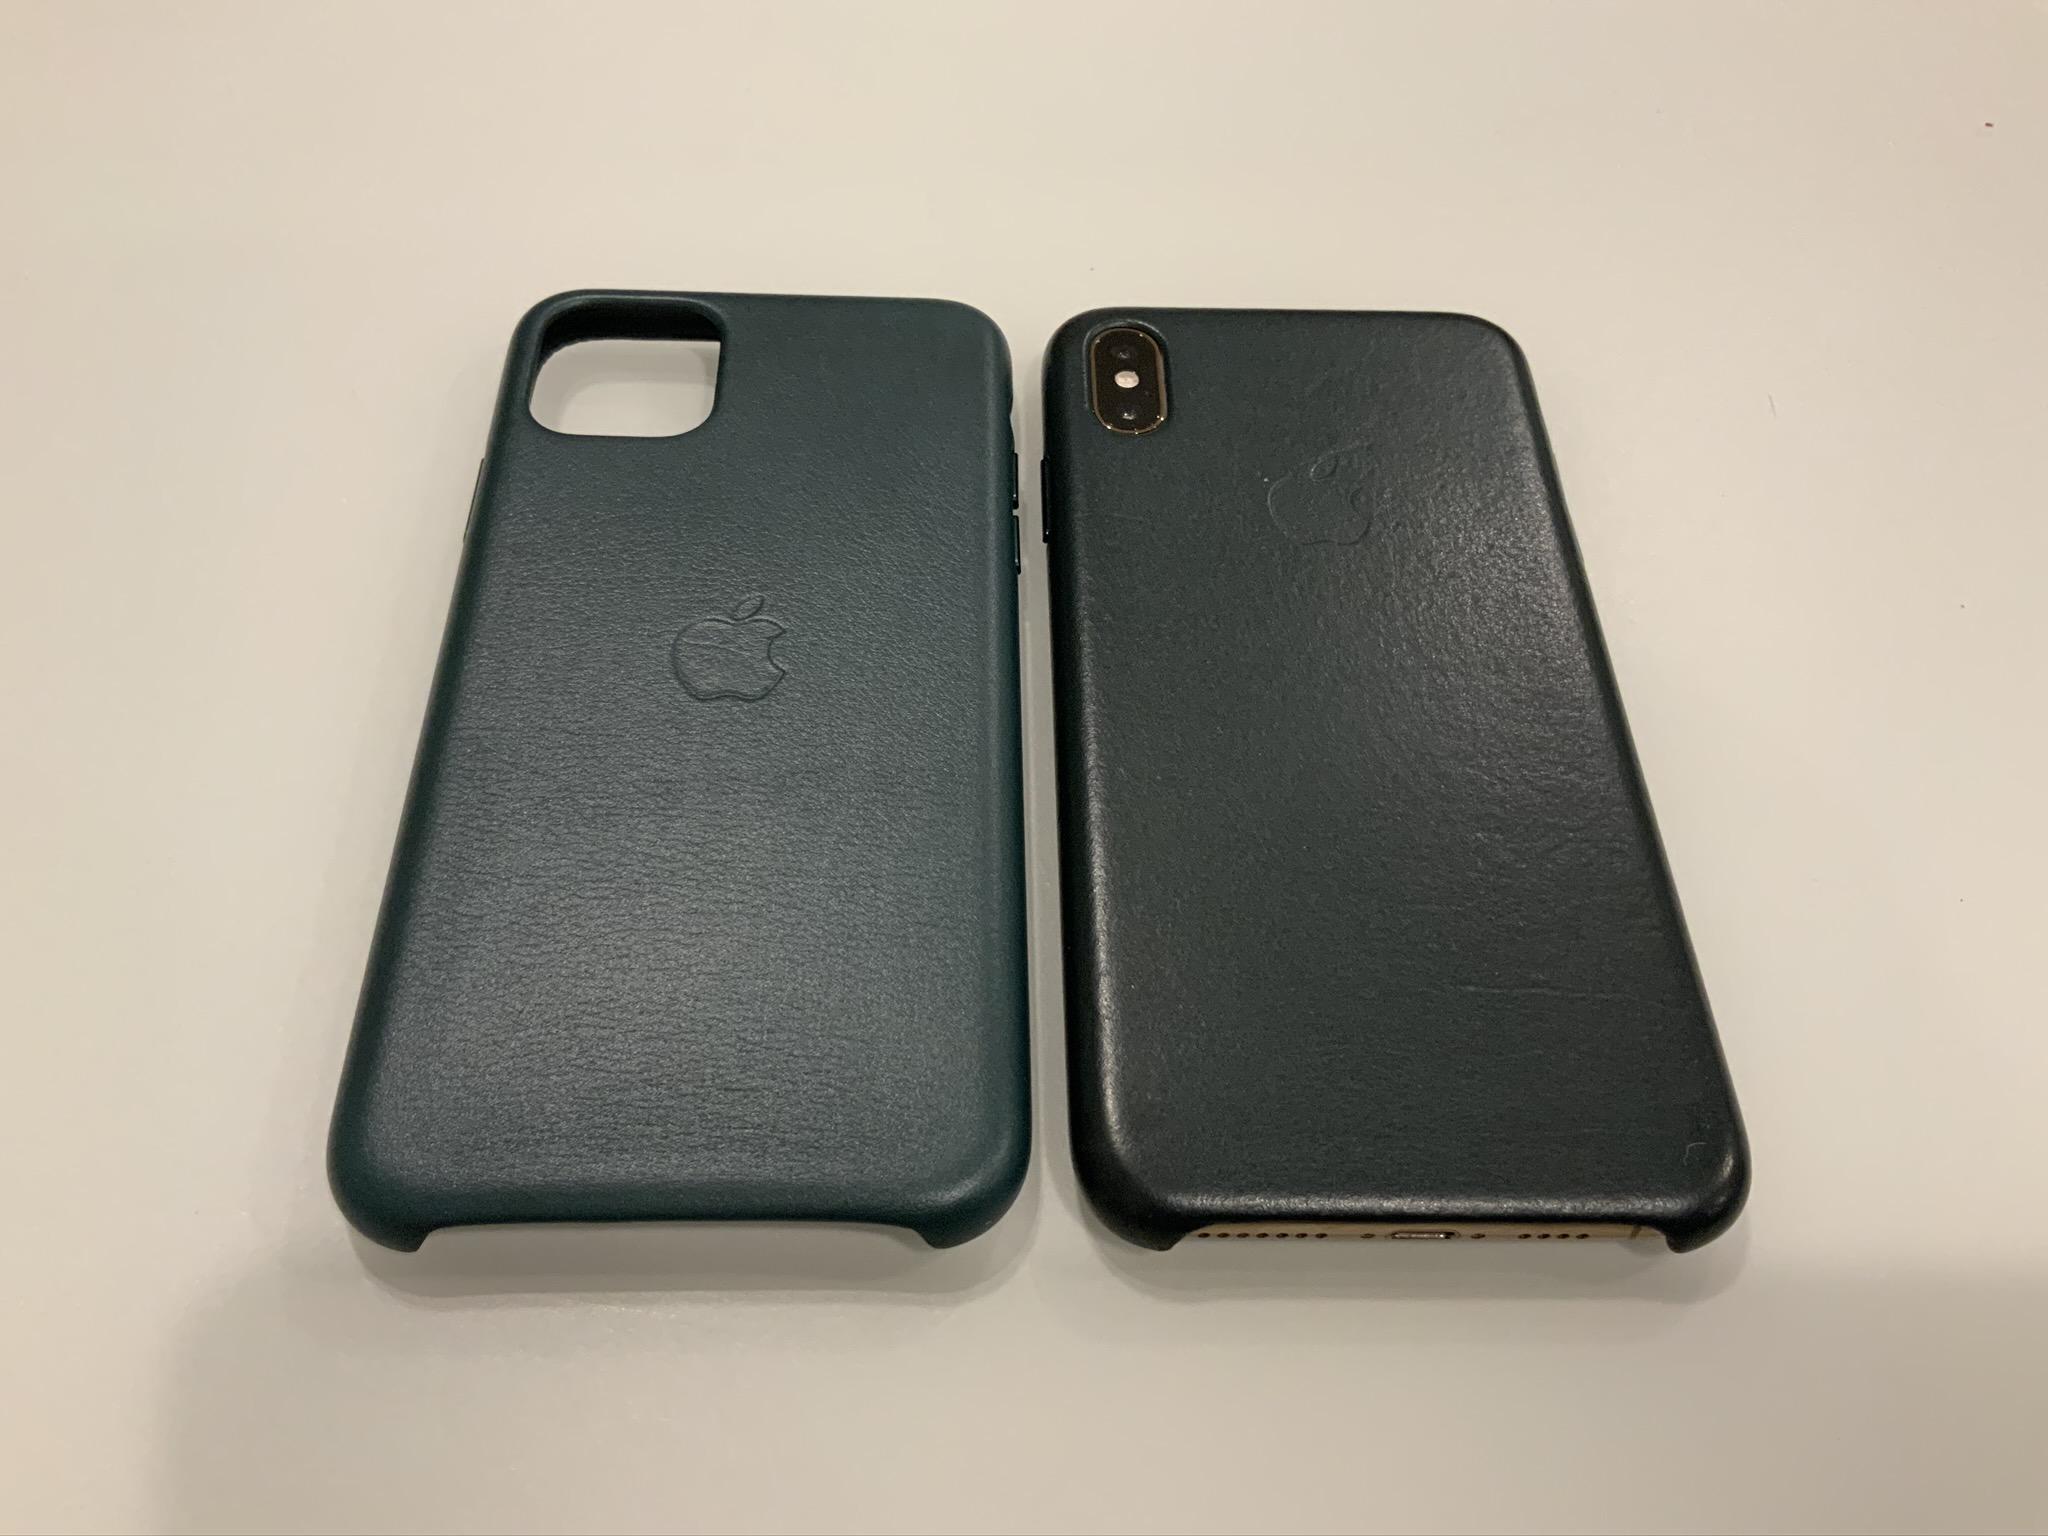 iphone 11 case imgur